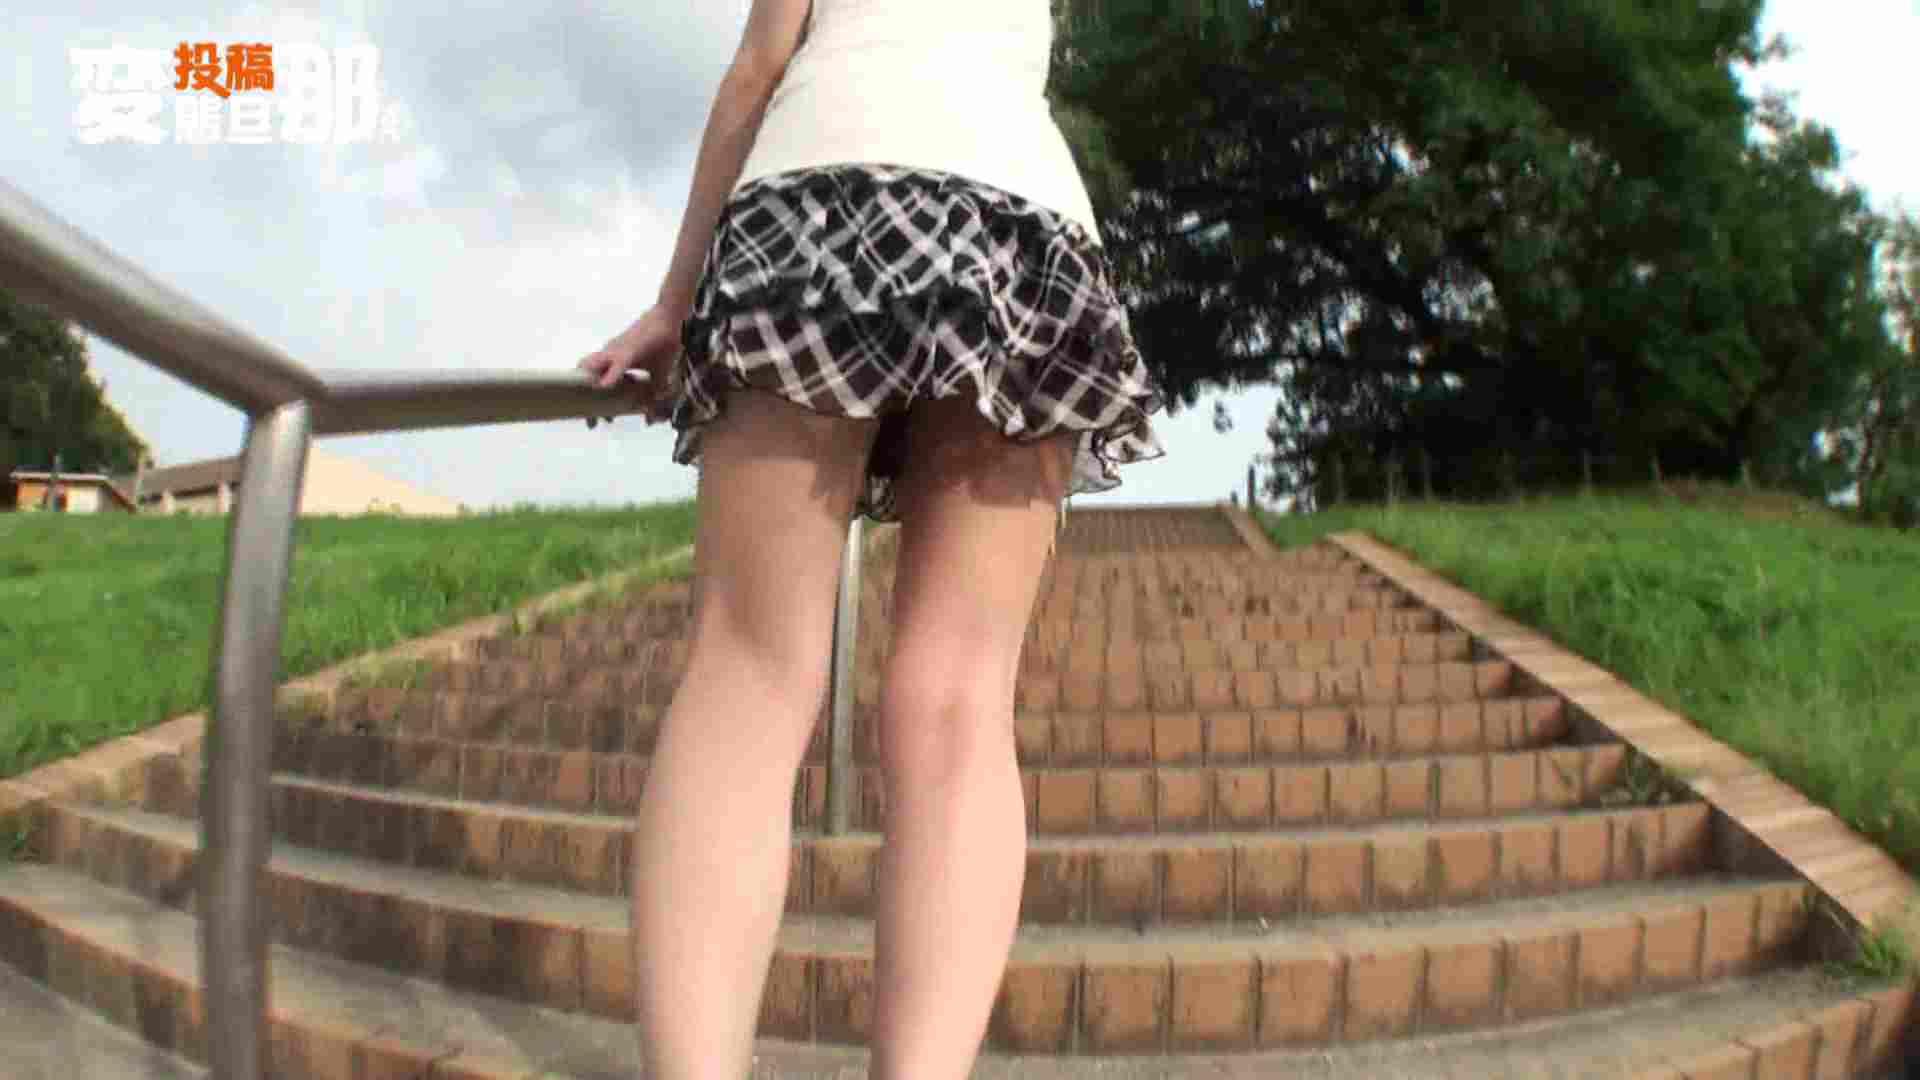 投稿作品 変態旦那さんの野外露出羞恥プレイ後編 バイブ AV無料動画キャプチャ 71連発 41